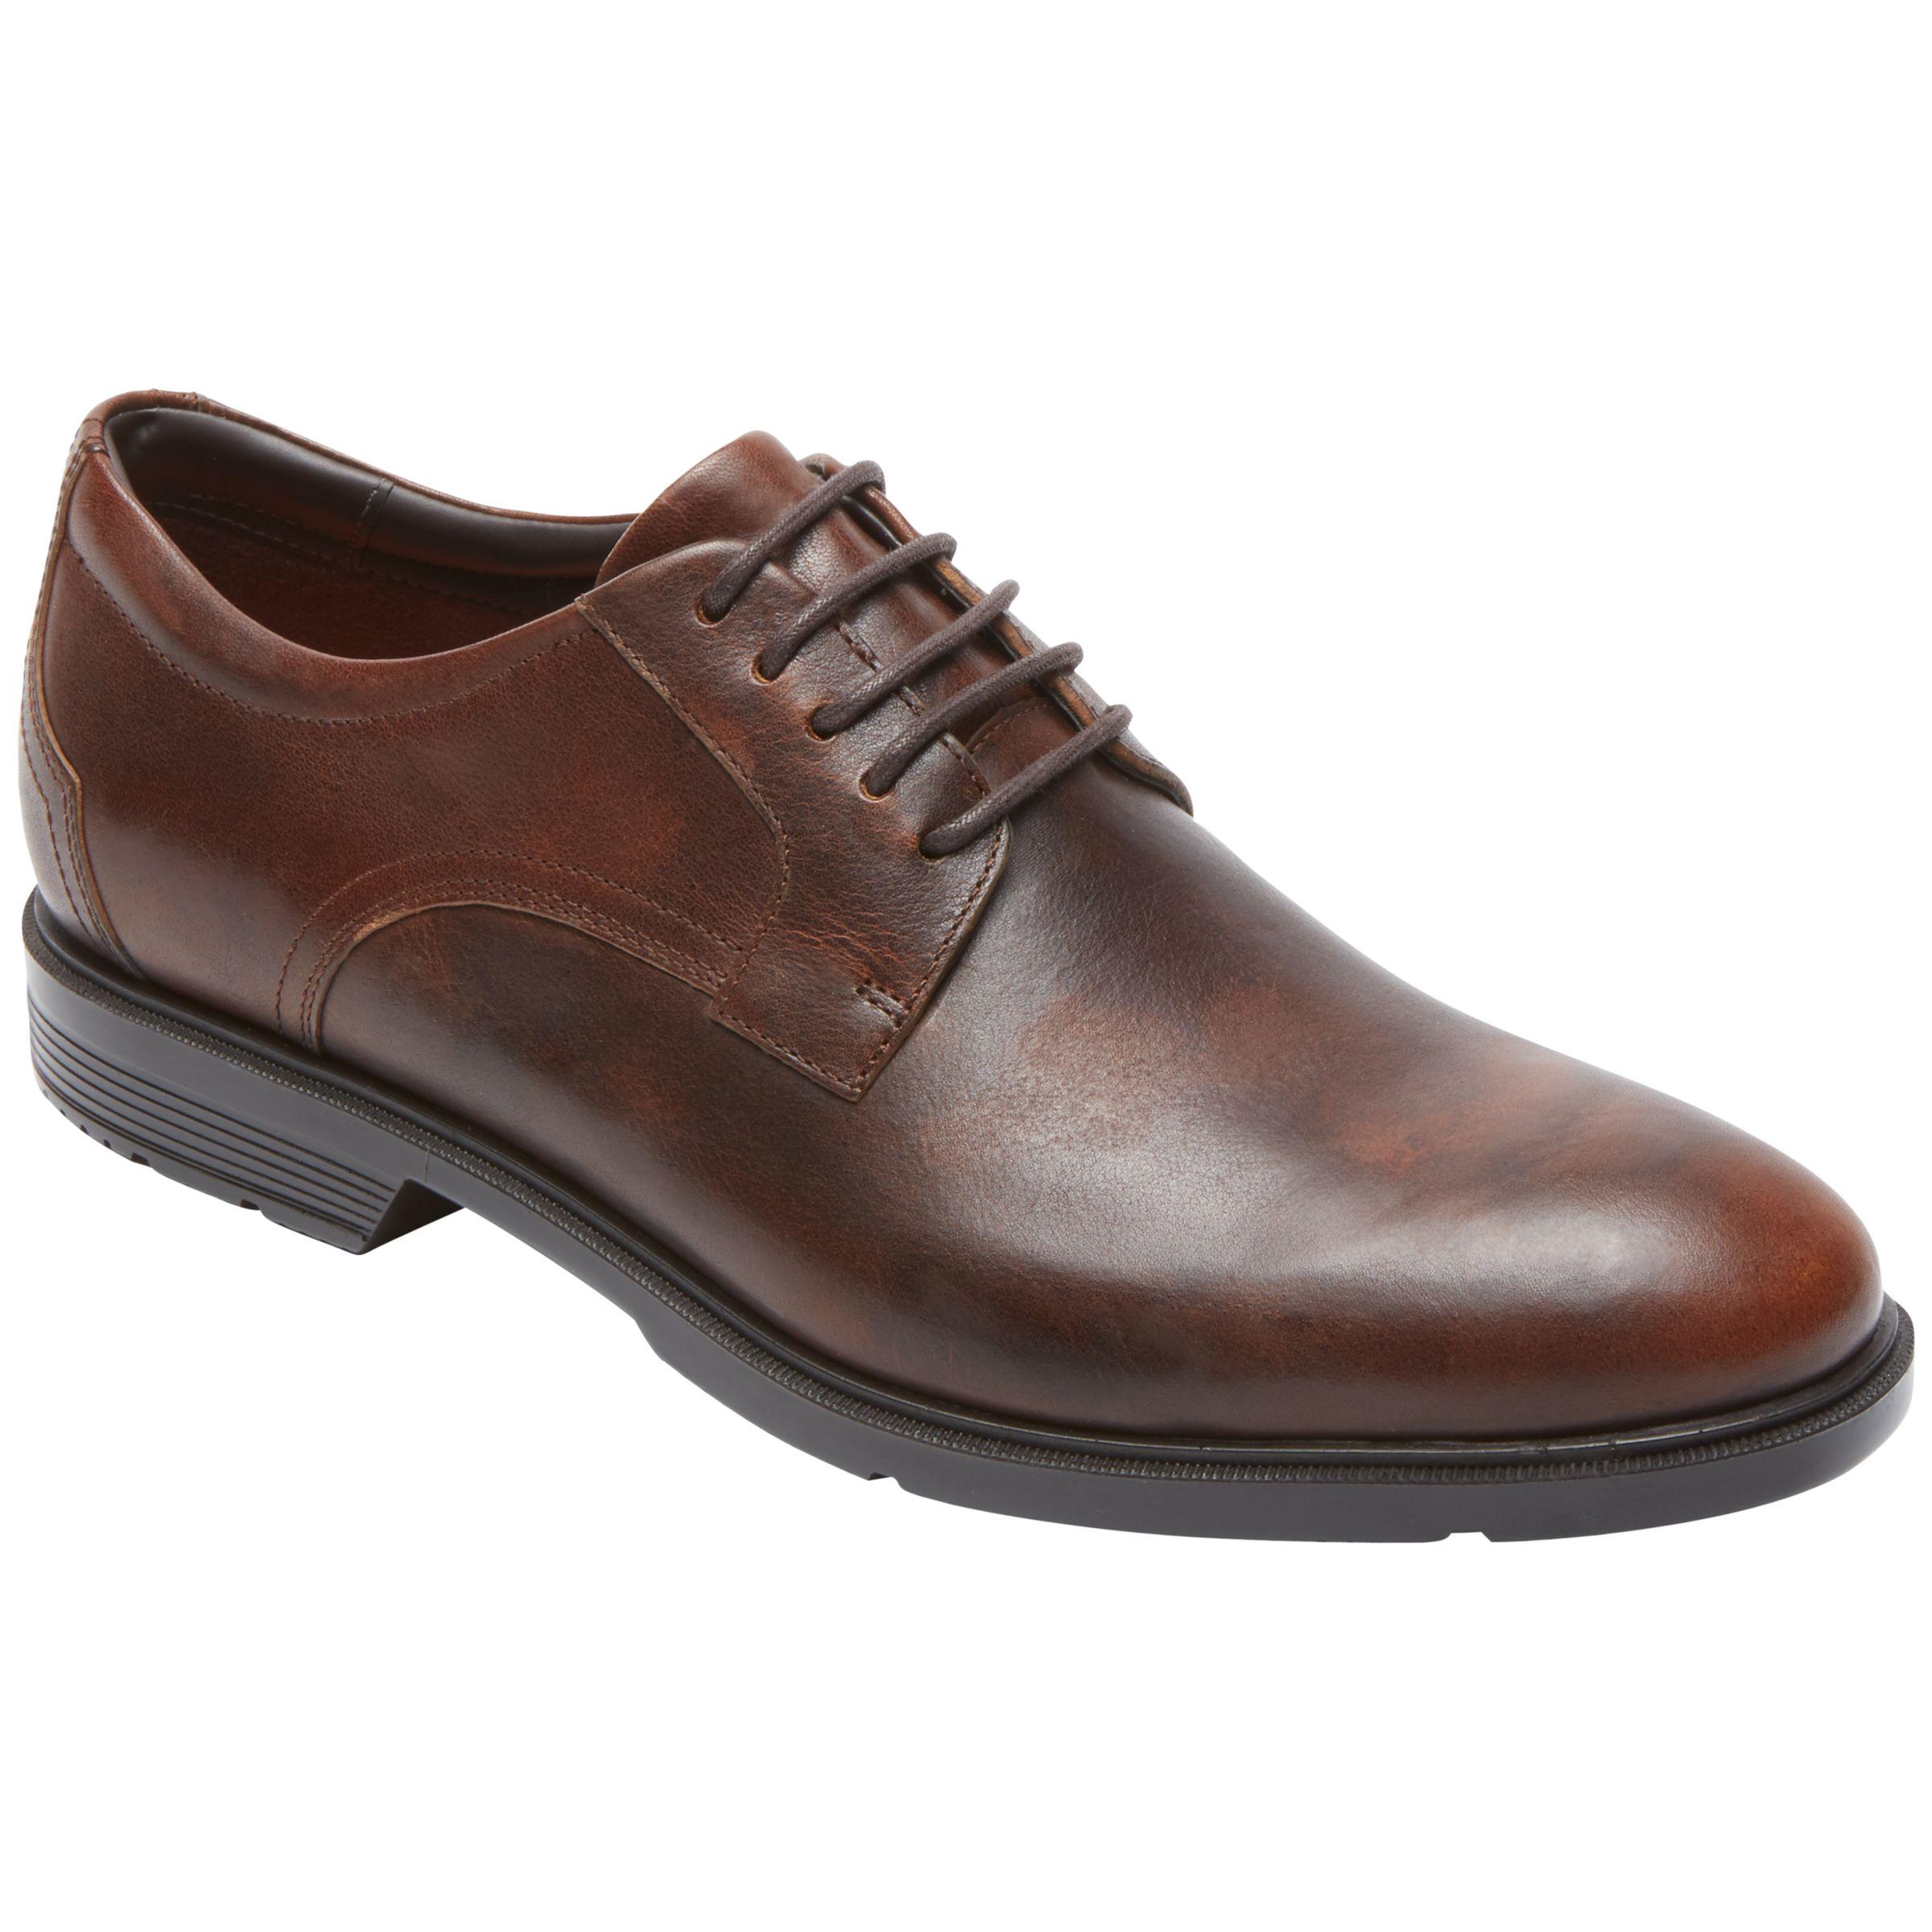 Rockport Rockport City Smart Plain Derby Shoes, Brown